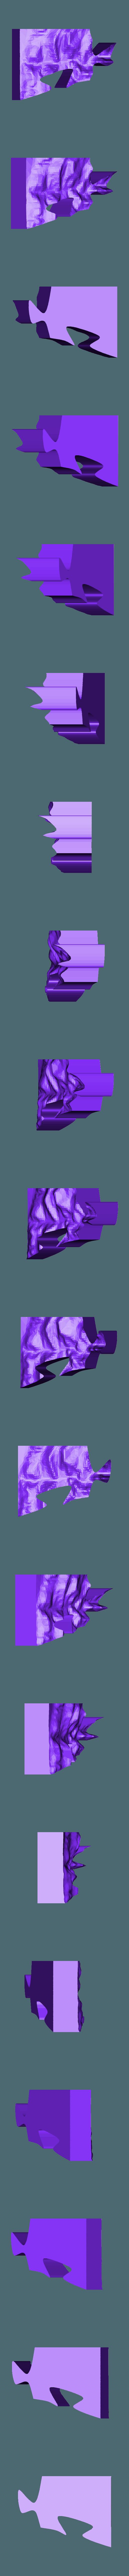 04.stl Télécharger fichier STL gratuit Echelle épique - Terrain - Zion NP • Objet à imprimer en 3D, TCP491016